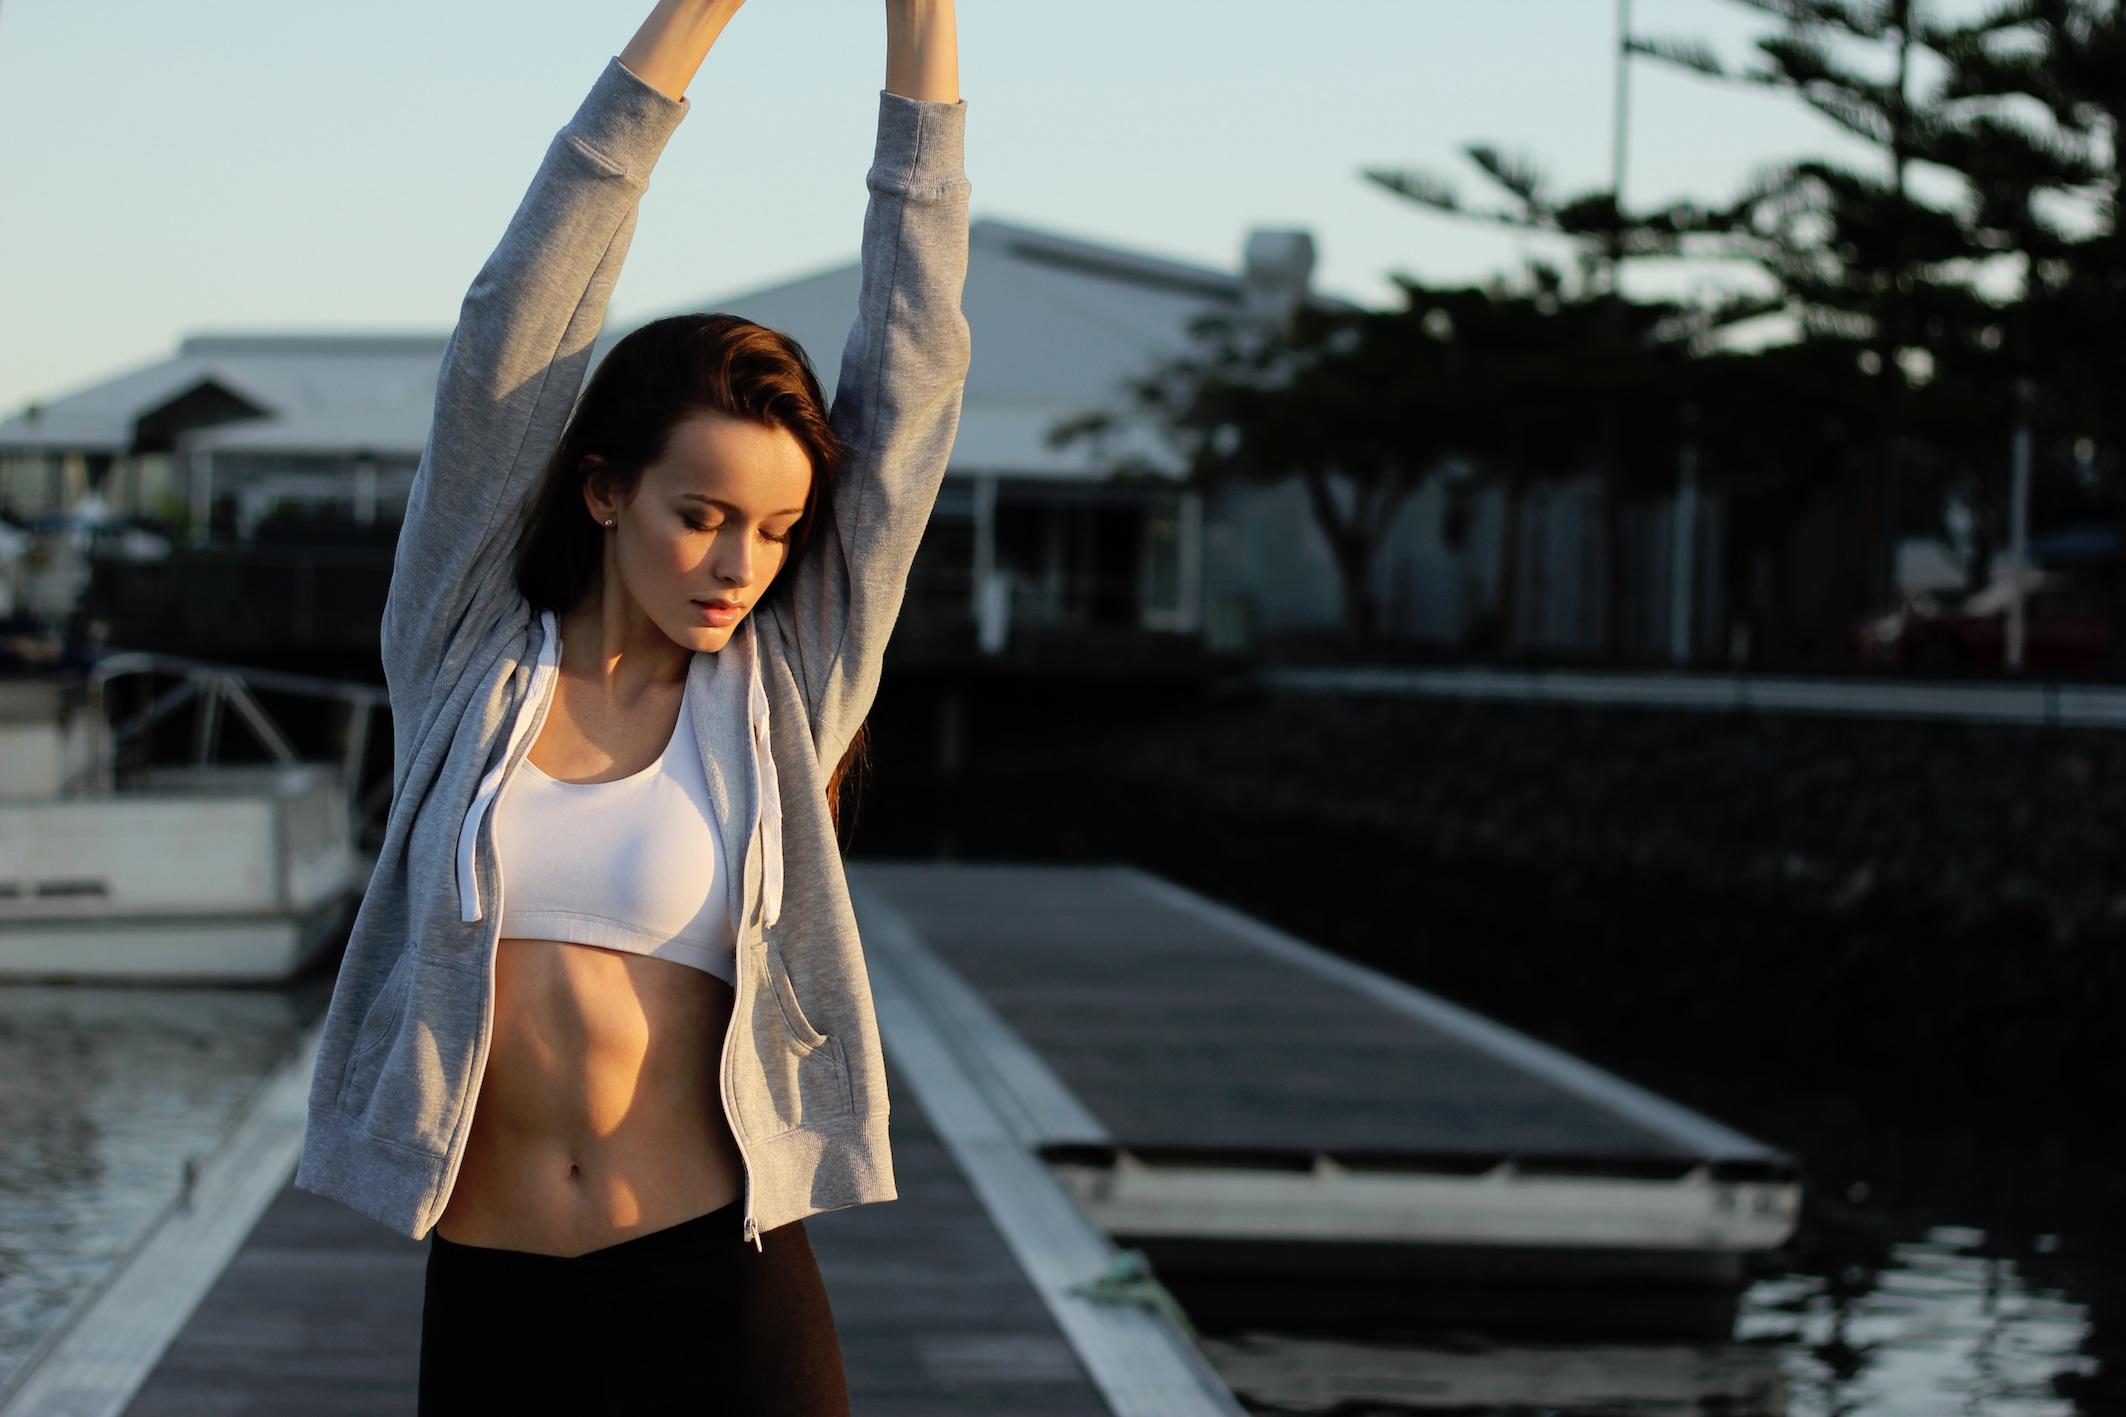 Ein gutes Faszientraining sorgt für tolle Beine, straffen Bauch und einen knackigen Po! Dies sorgt auch für ein angenehmes Wohlbefinden und Ausgeglichenheit.